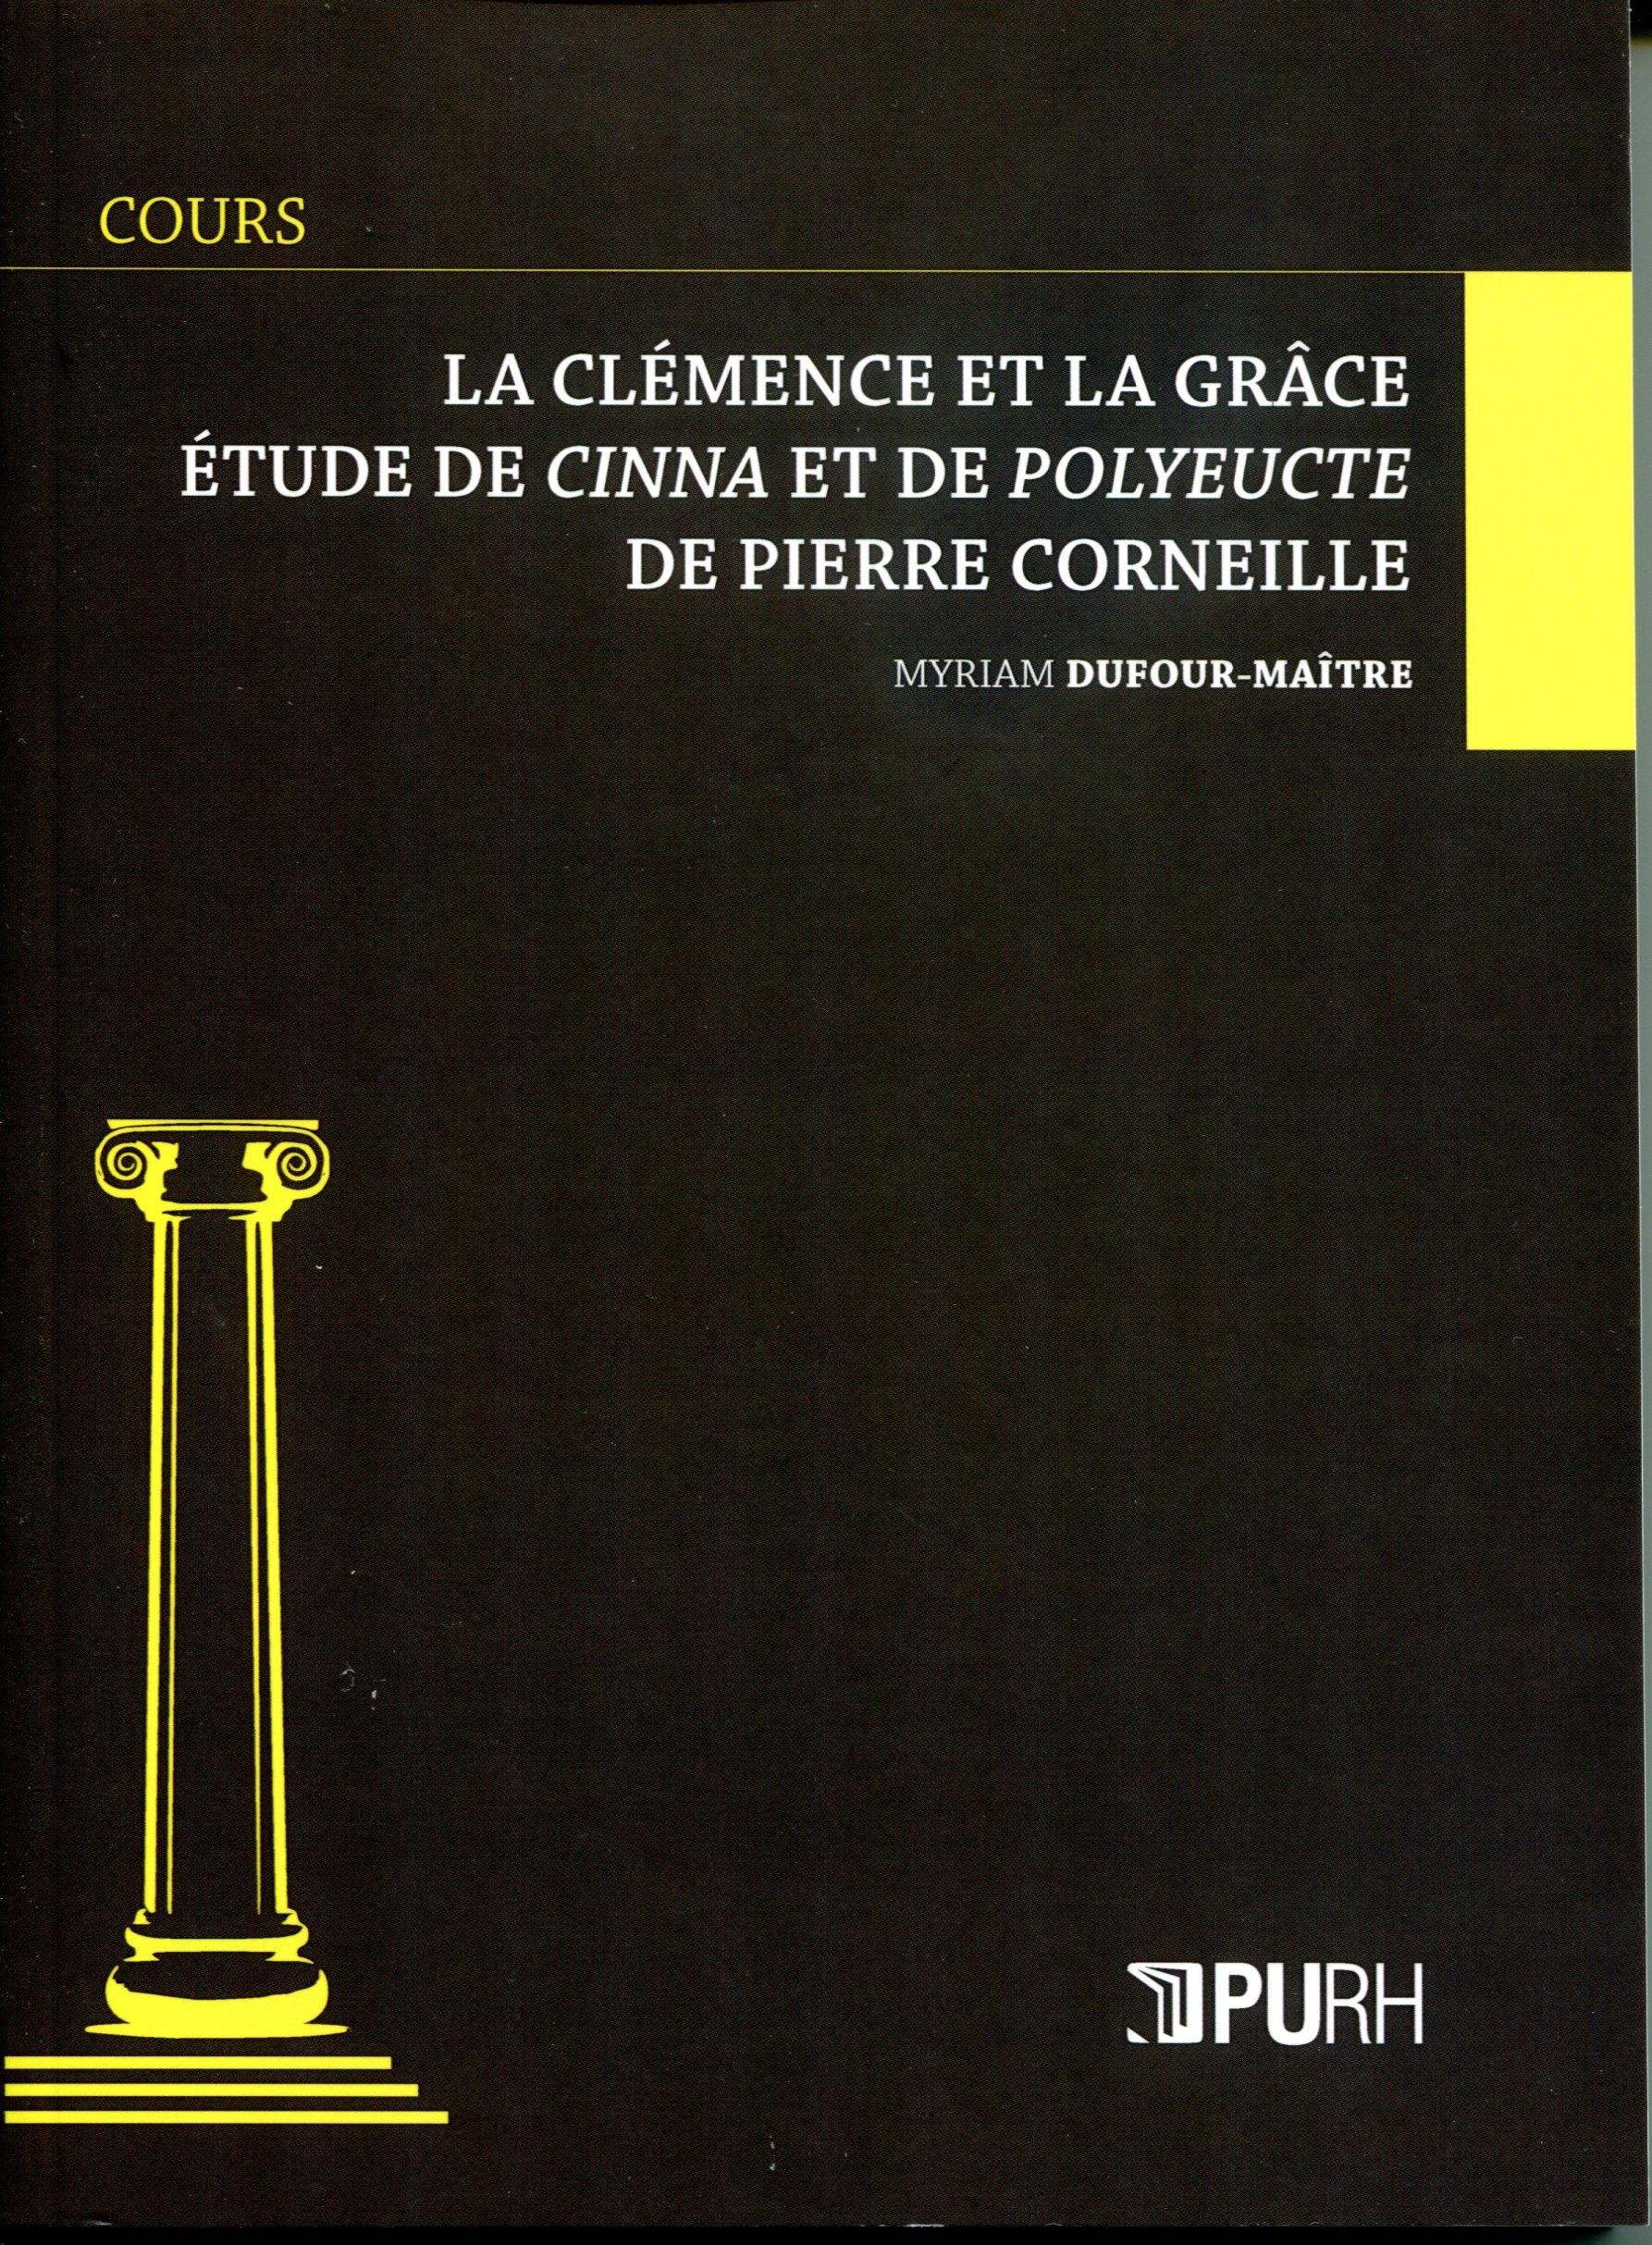 La clemence et la grace. etude de <i>cinna</i> et de <i>polyeucte</i>  de pierre corneille